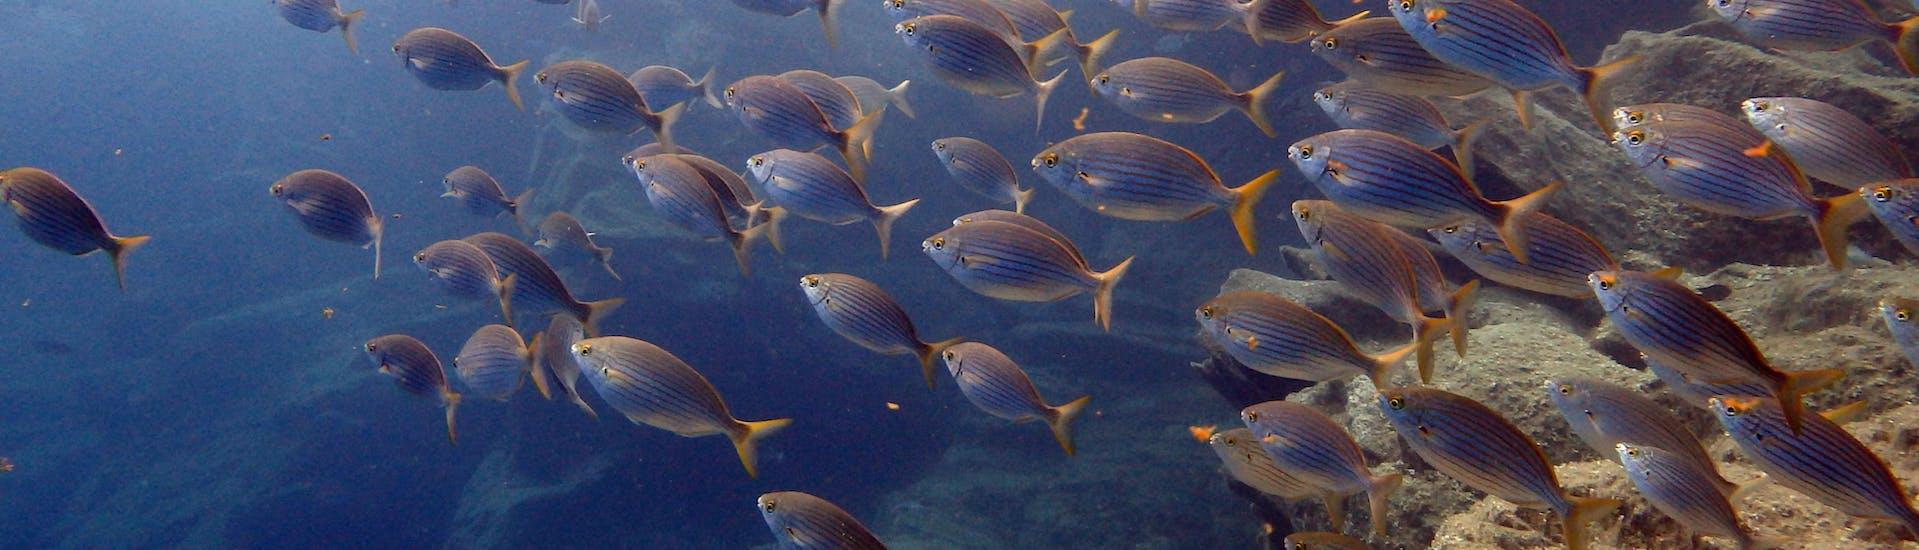 Buceo de Prueba para Principiantes - Tenerife